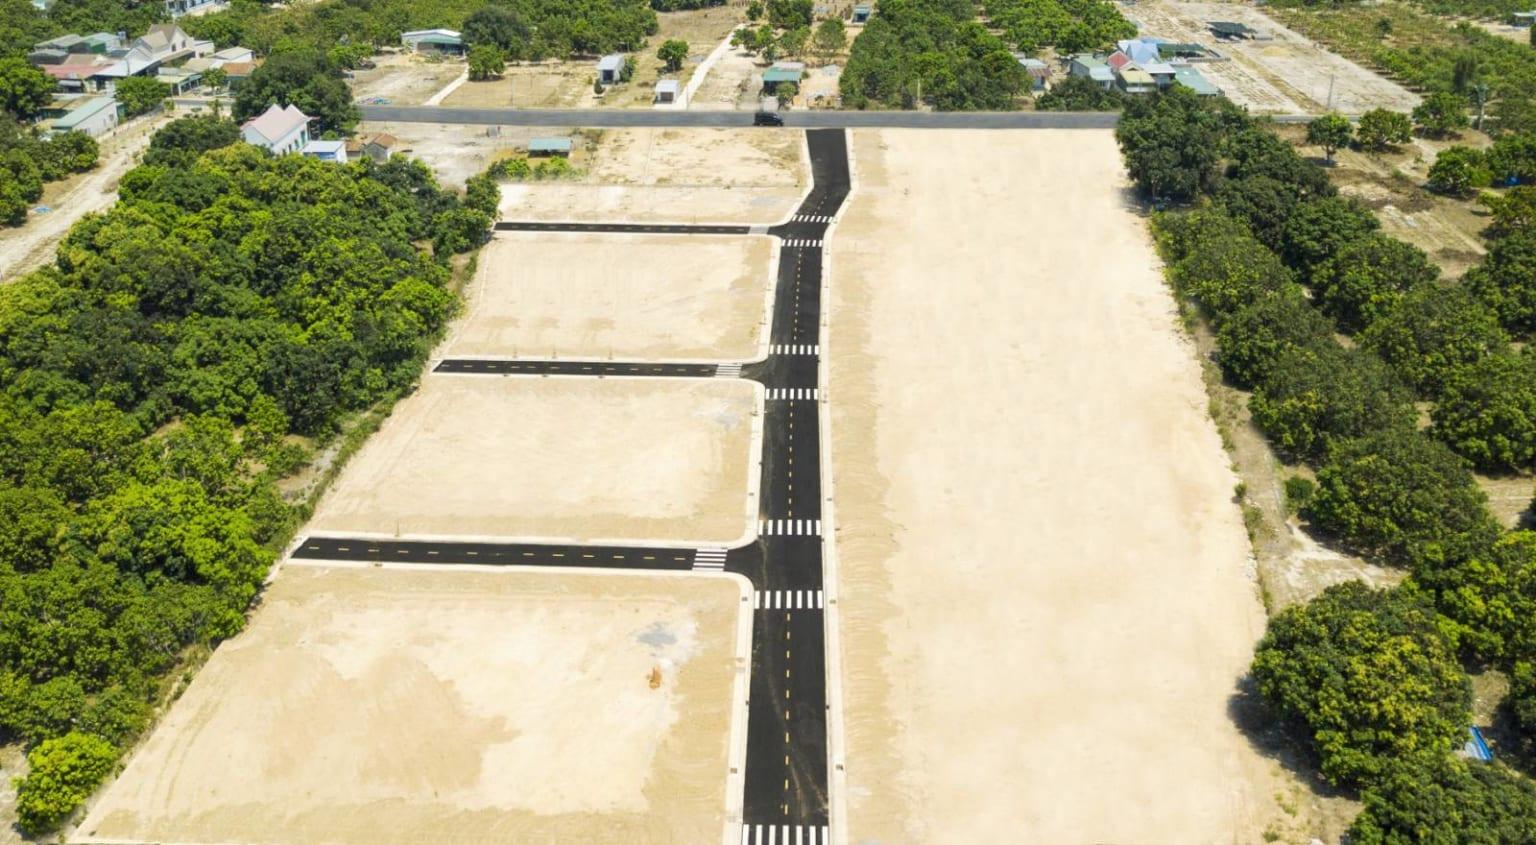 Hình ảnh dự án KDC đường Đinh Tiên Hoàng từ flycam